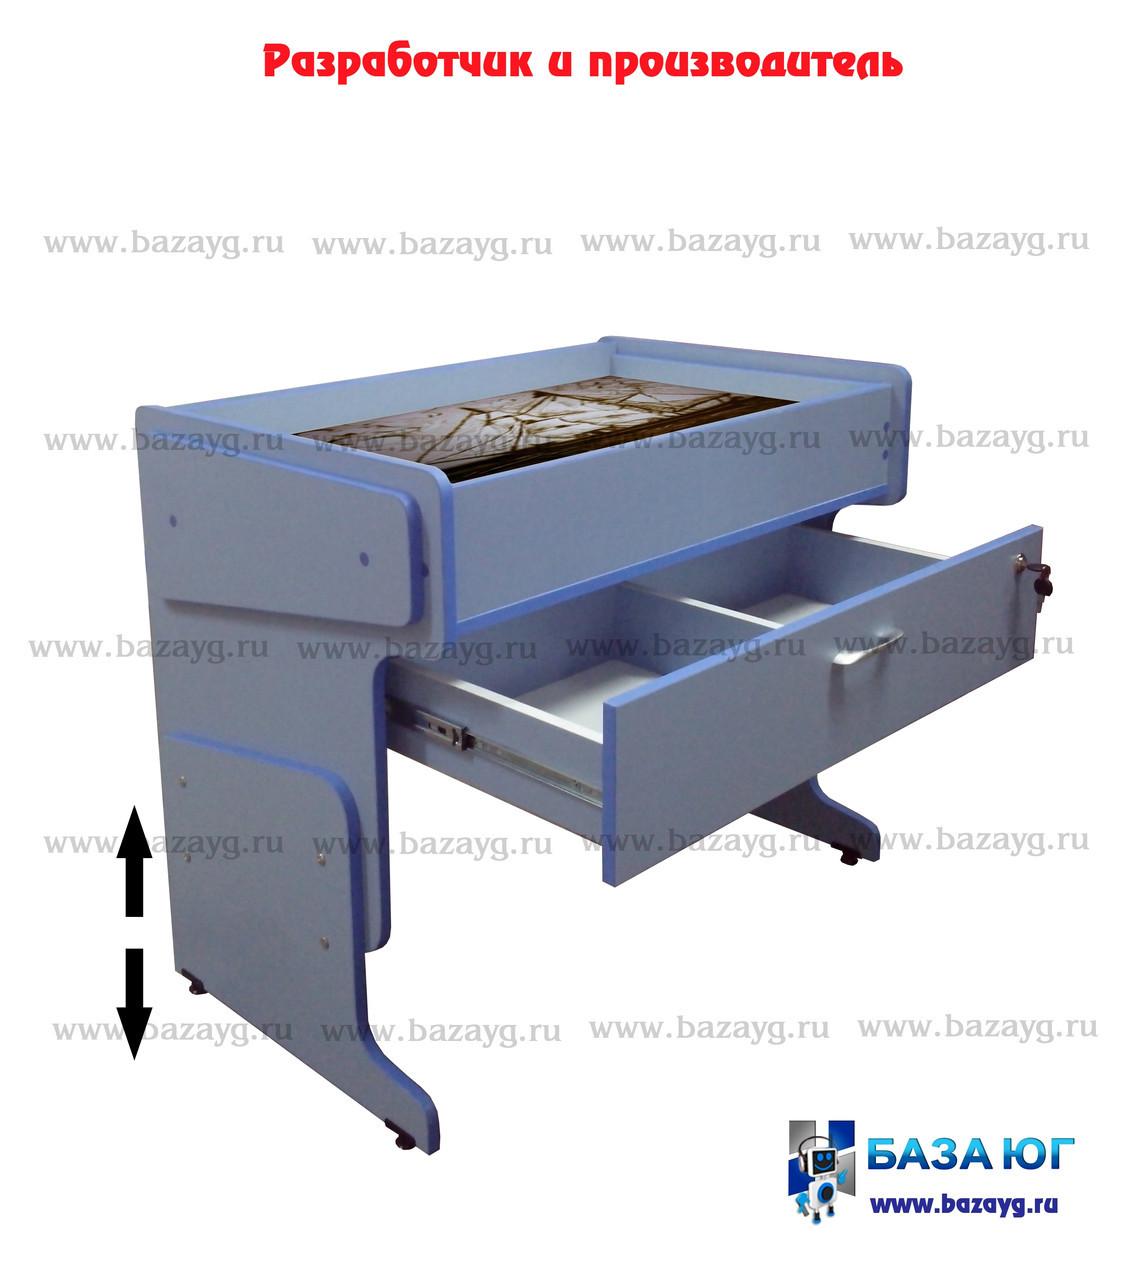 Стол для песочной анимации регулируемый с подсветкой - фото 1